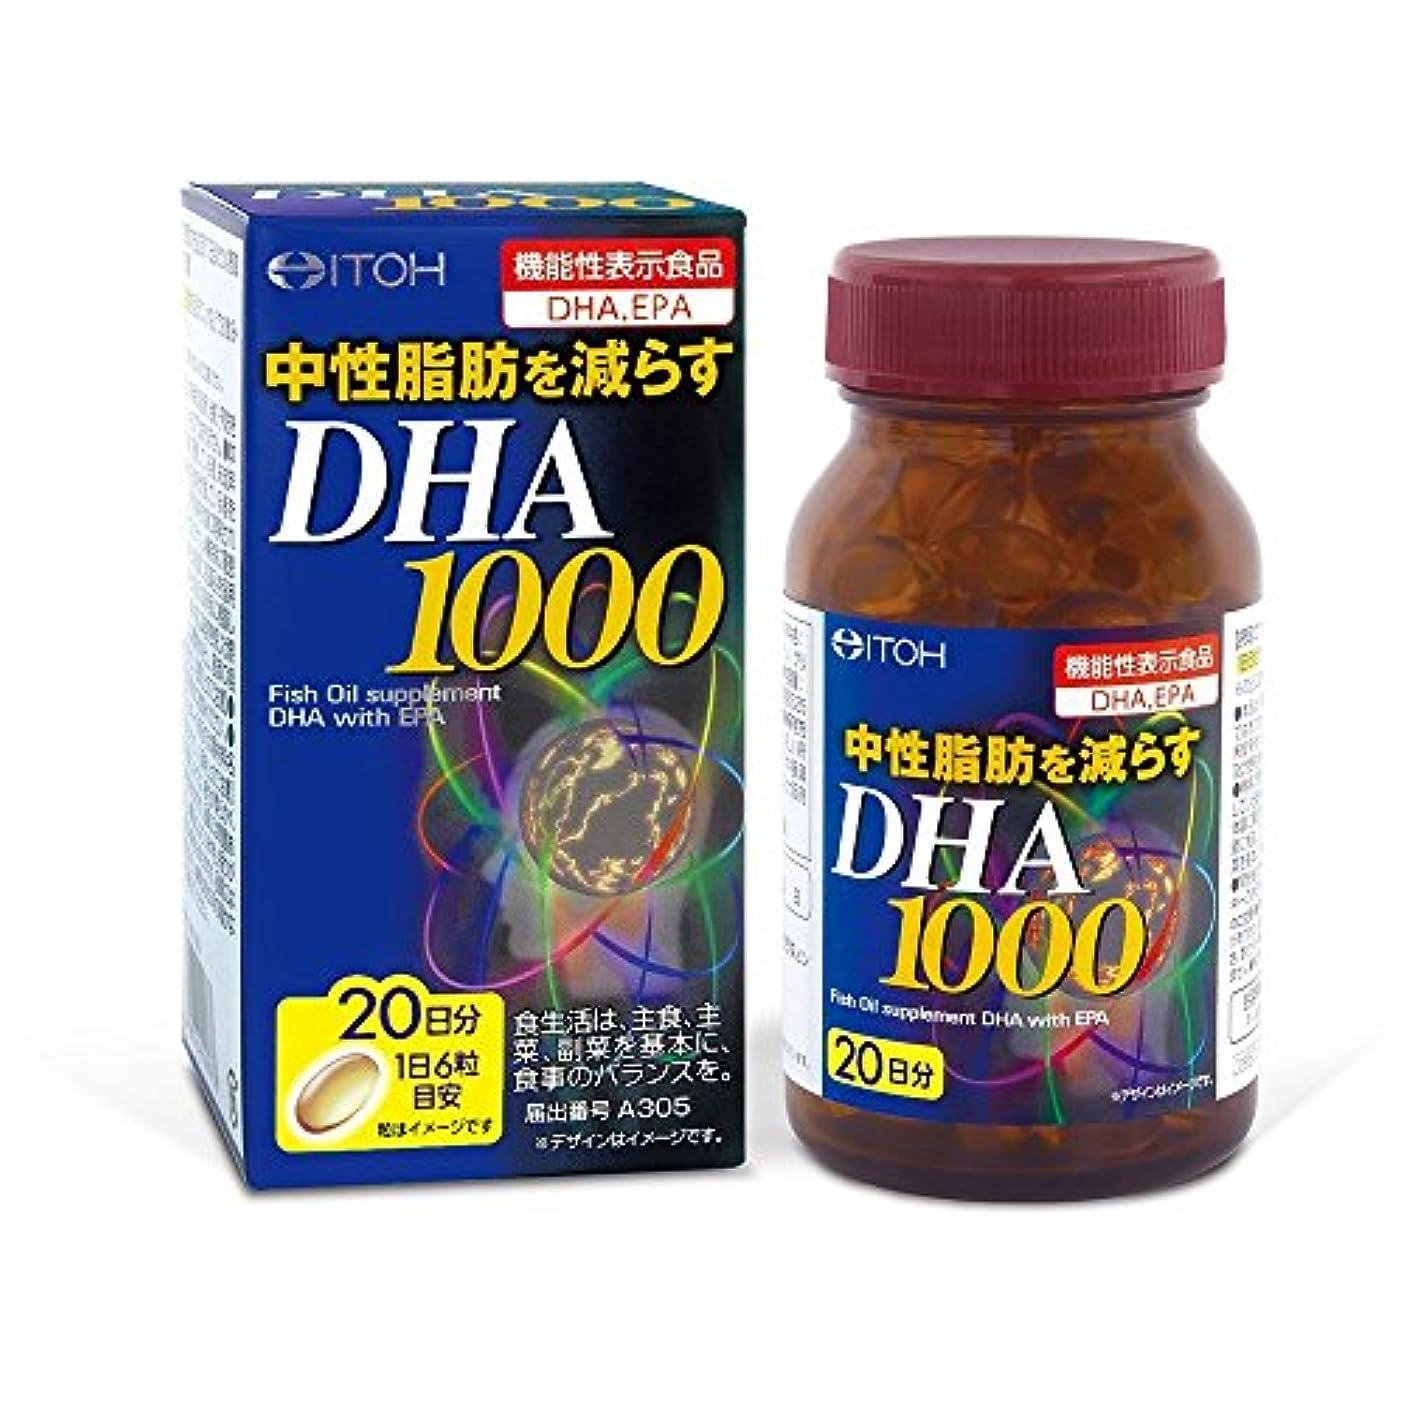 祝福素晴らしい良い多くの矛盾DHA1000 約20日分×6個